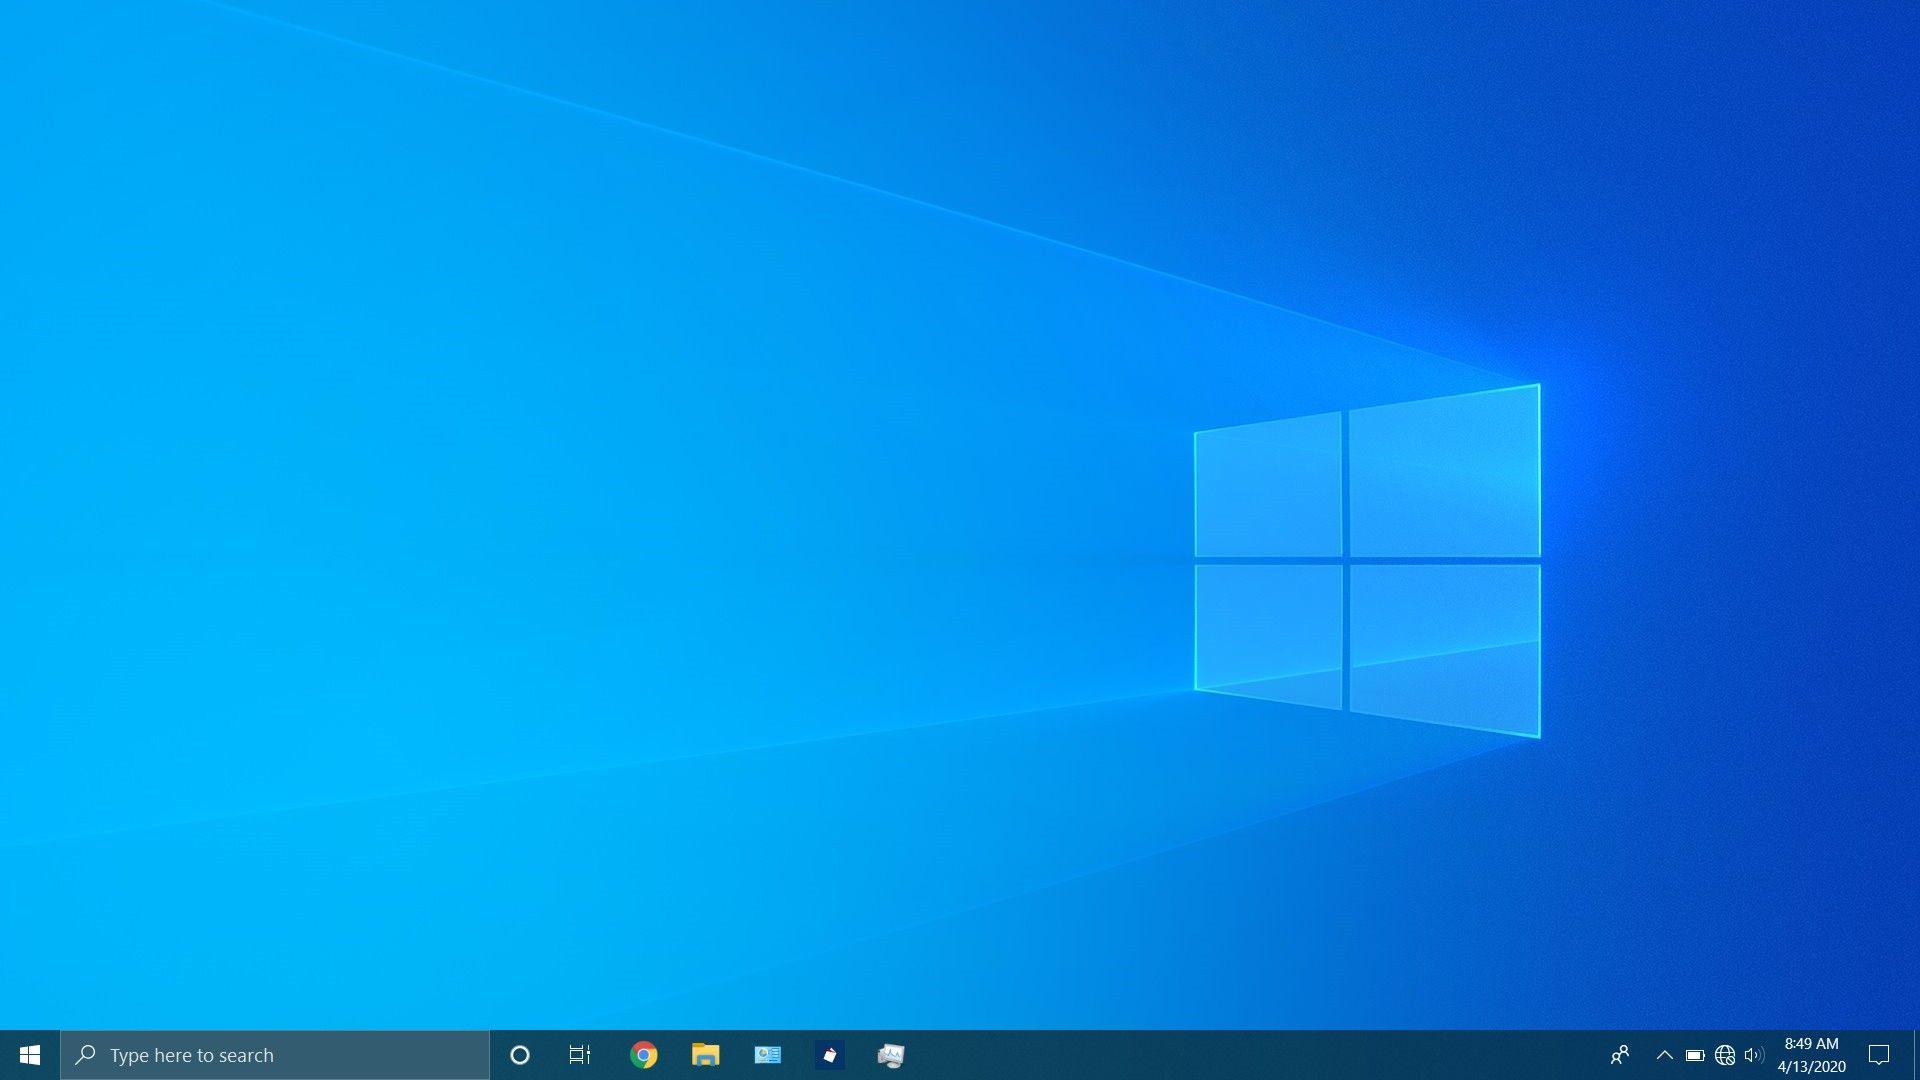 Windows 10 Desktop Images In 2020 Wallpaper Windows 10 Windows Wallpaper Windows 10